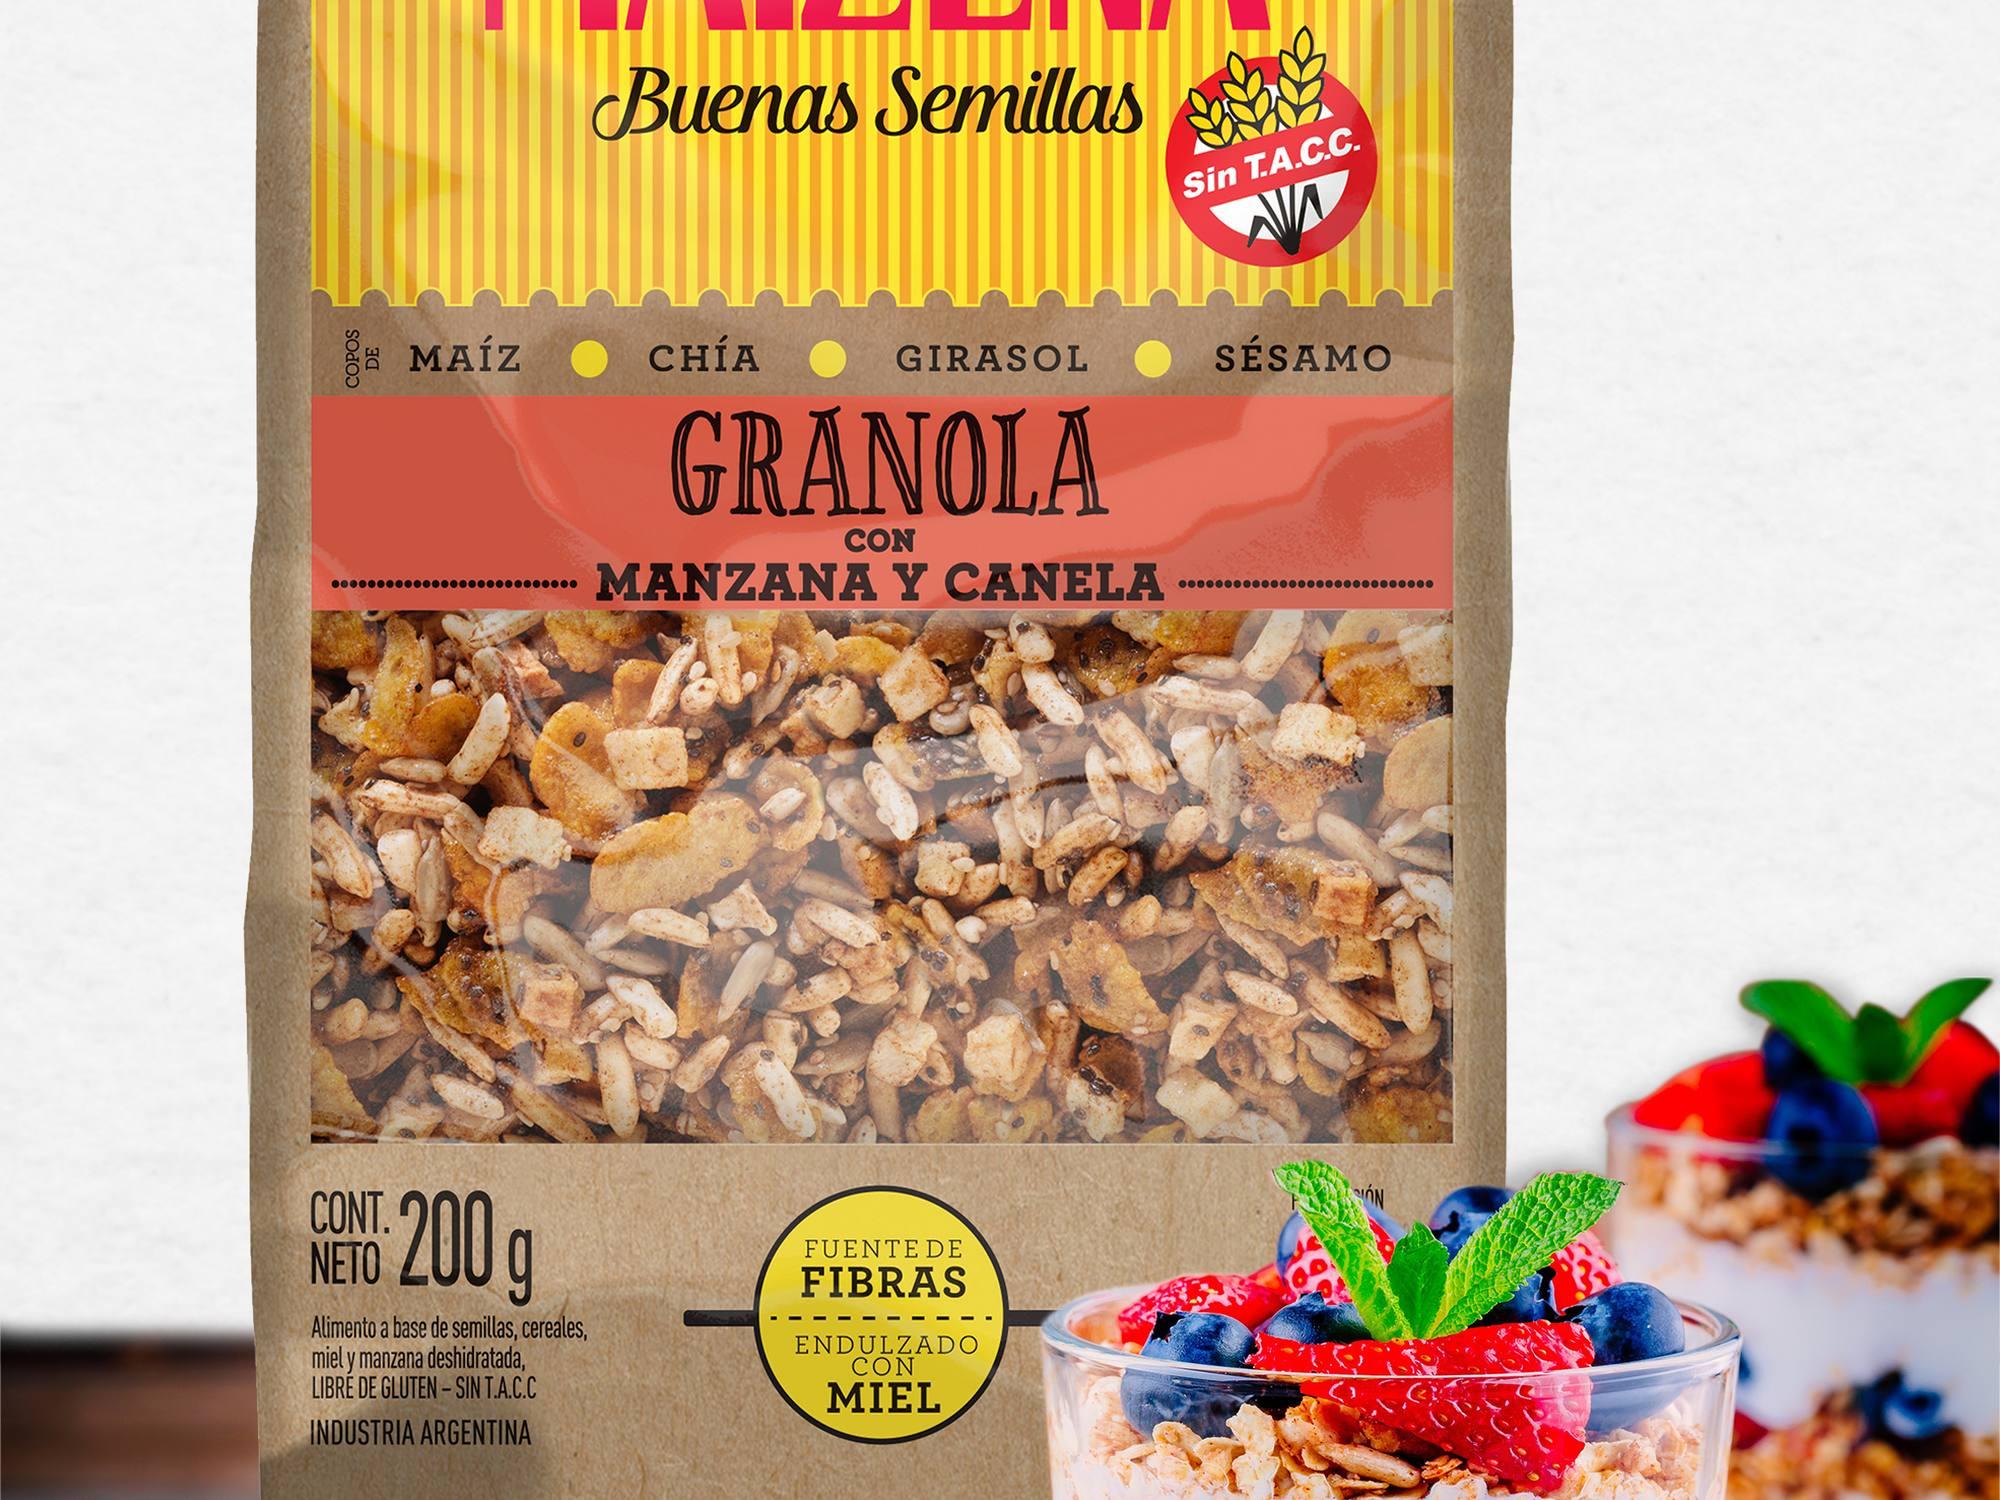 Trifle de granola con yogurt natural, frutillas y arándanos